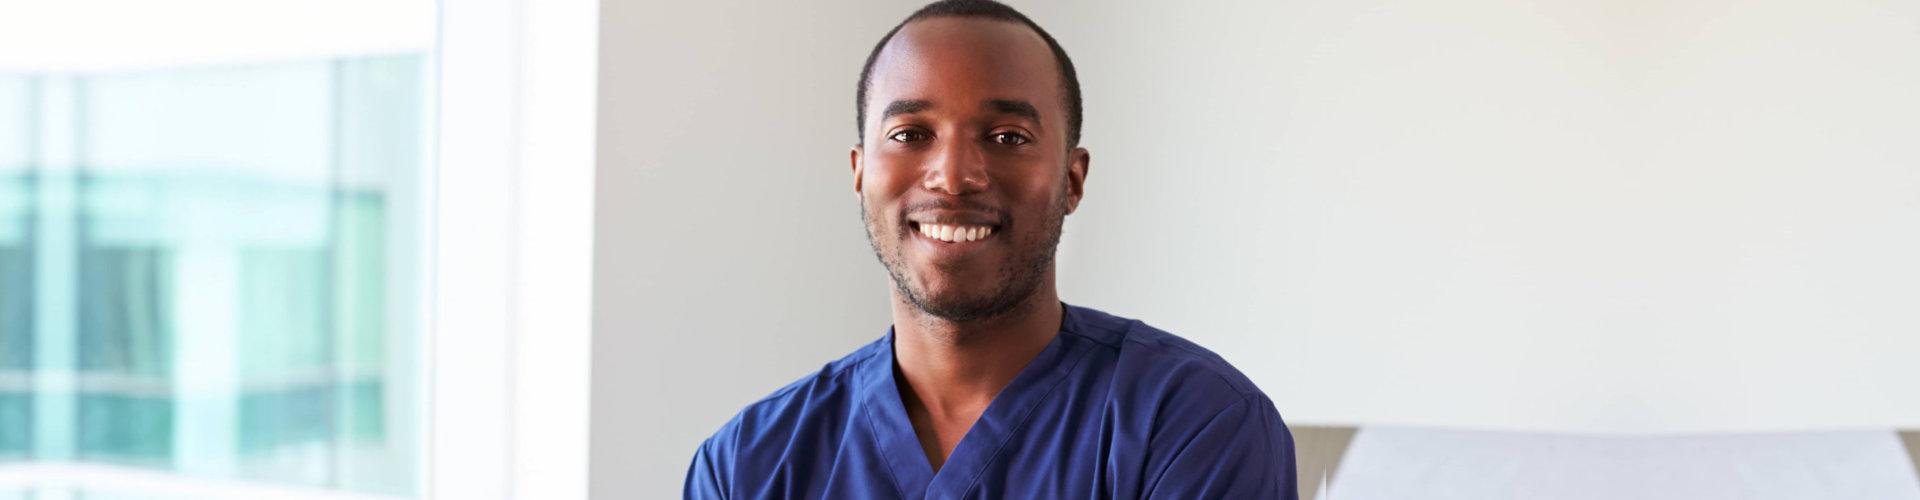 a male nurse